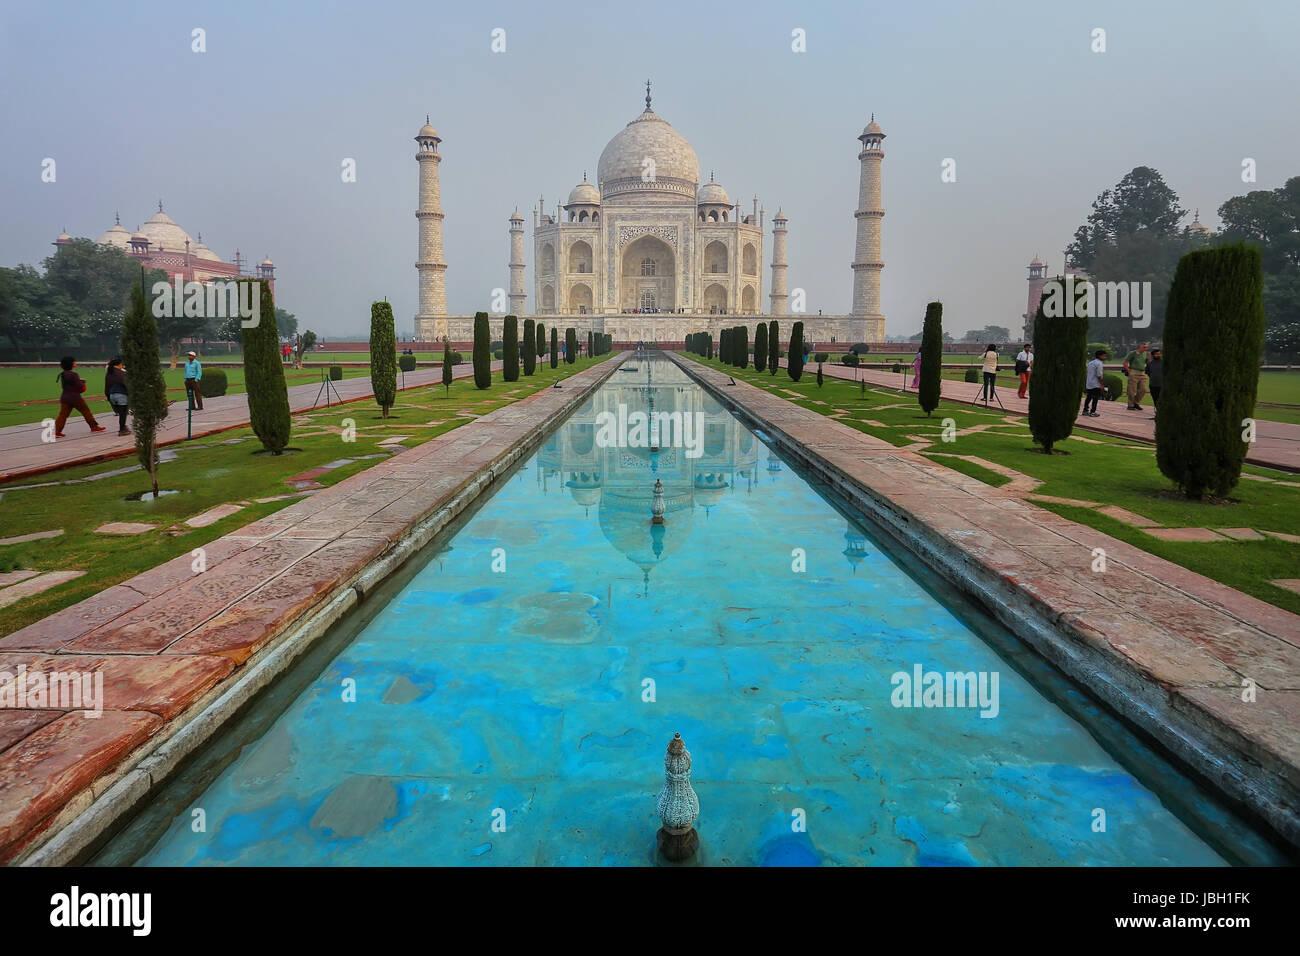 Taj Mahal di mattina presto per, Agra, Uttar Pradesh, India. Esso fu costruito nel 1632 dall'imperatore Shah Immagini Stock